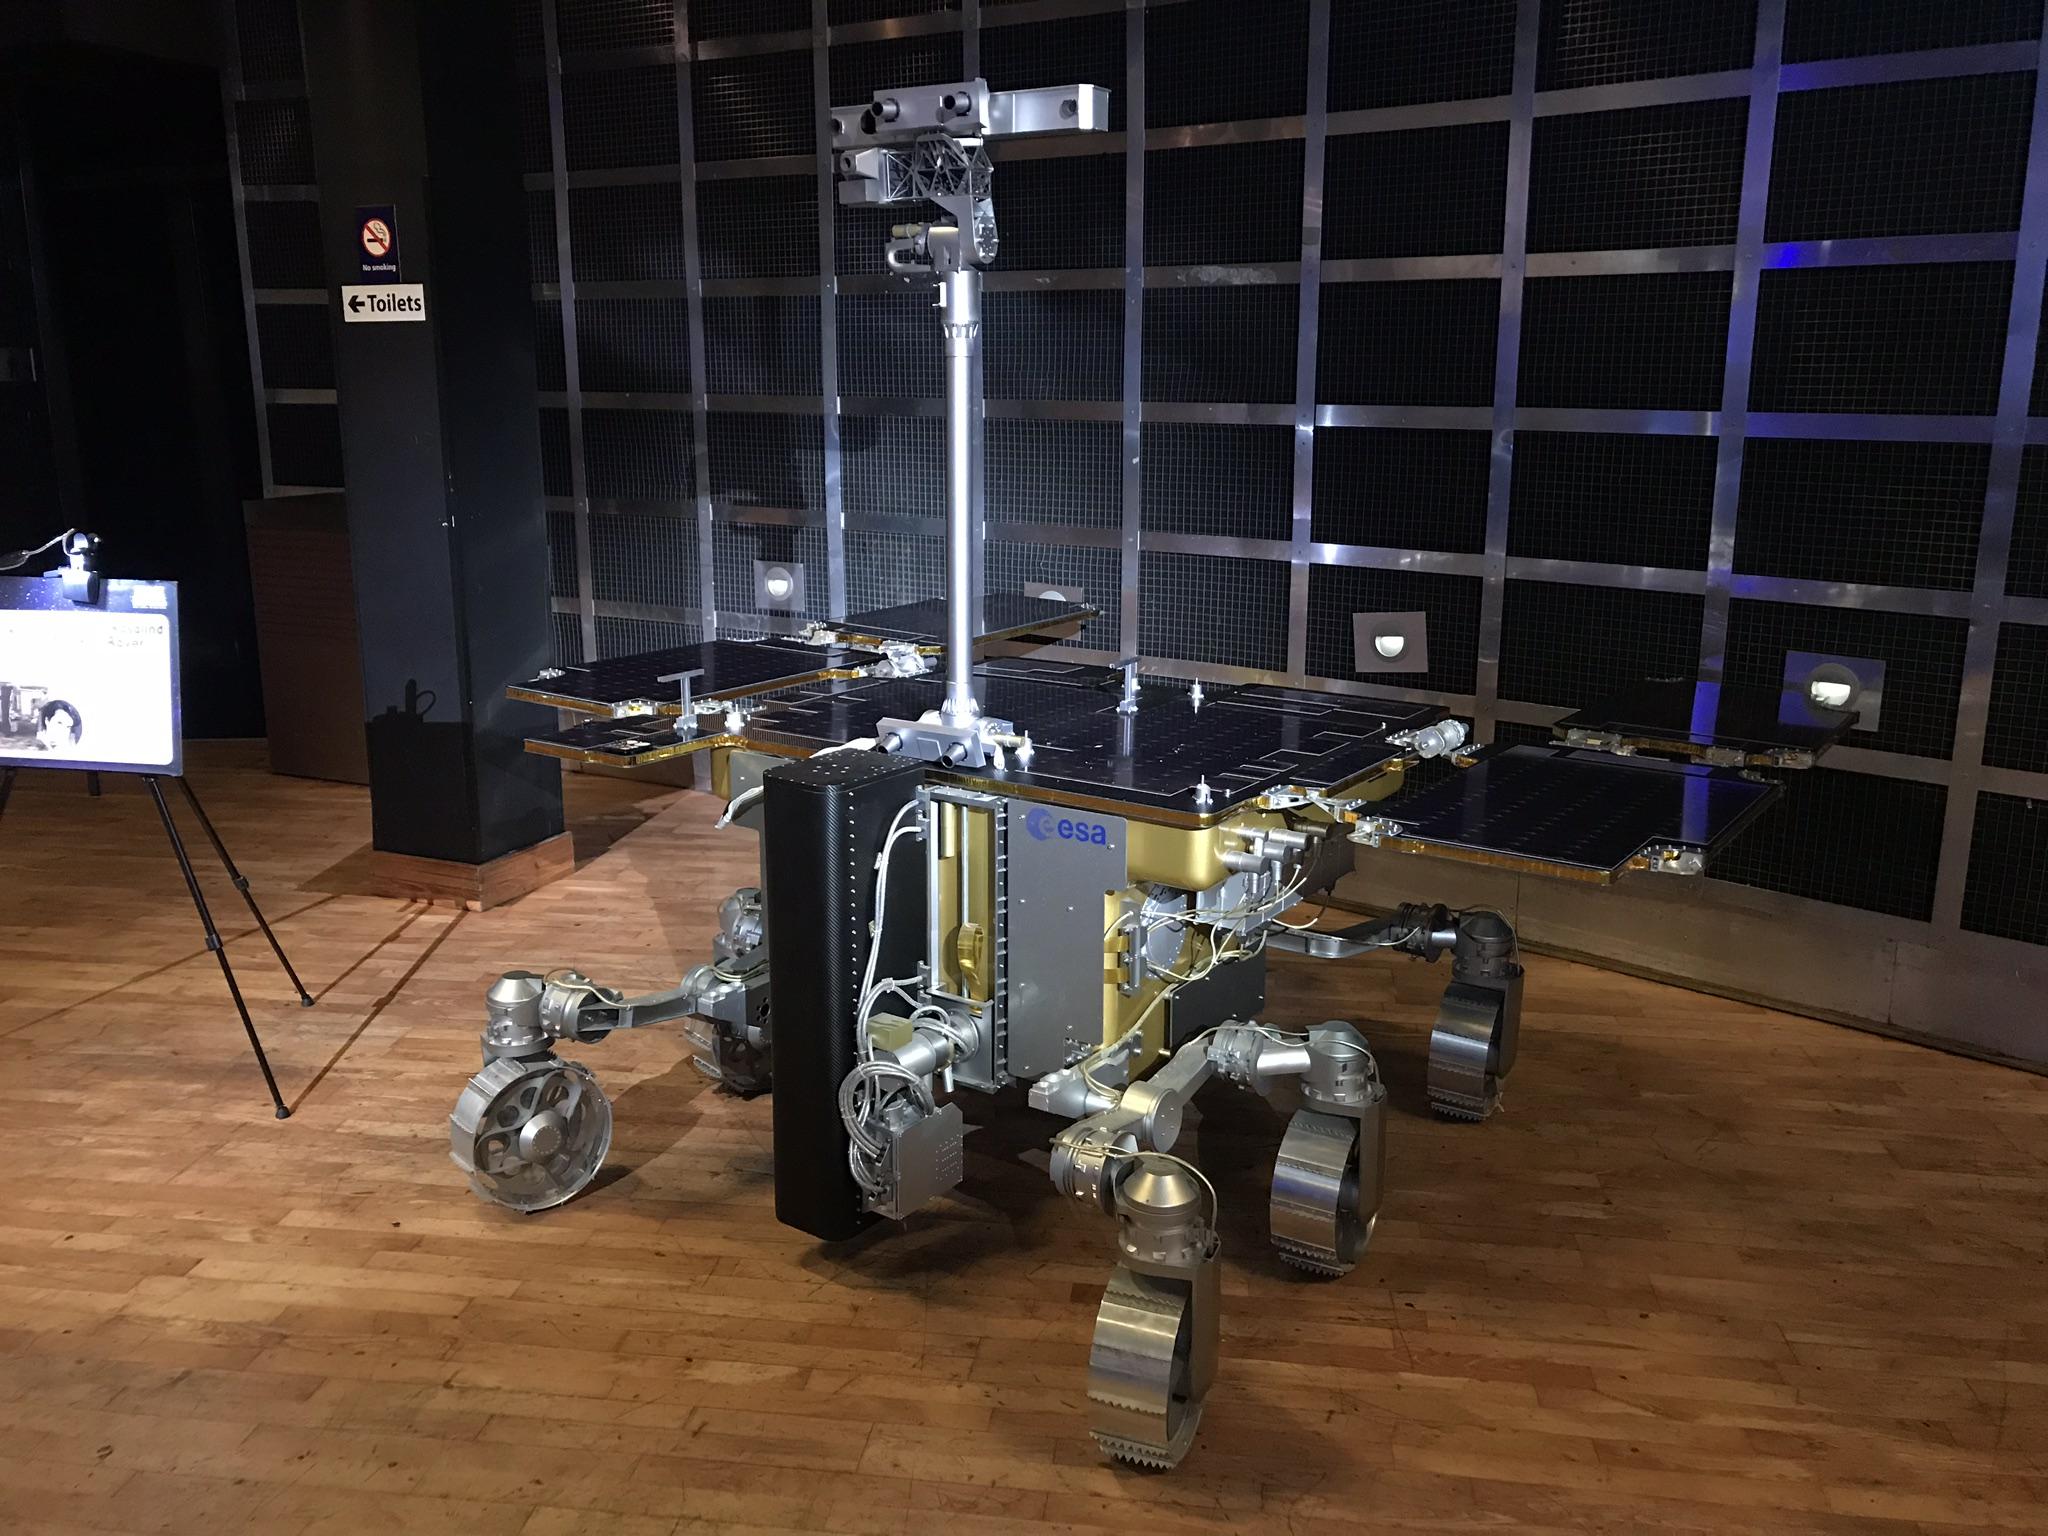 Exomars Rover 1:1 space model